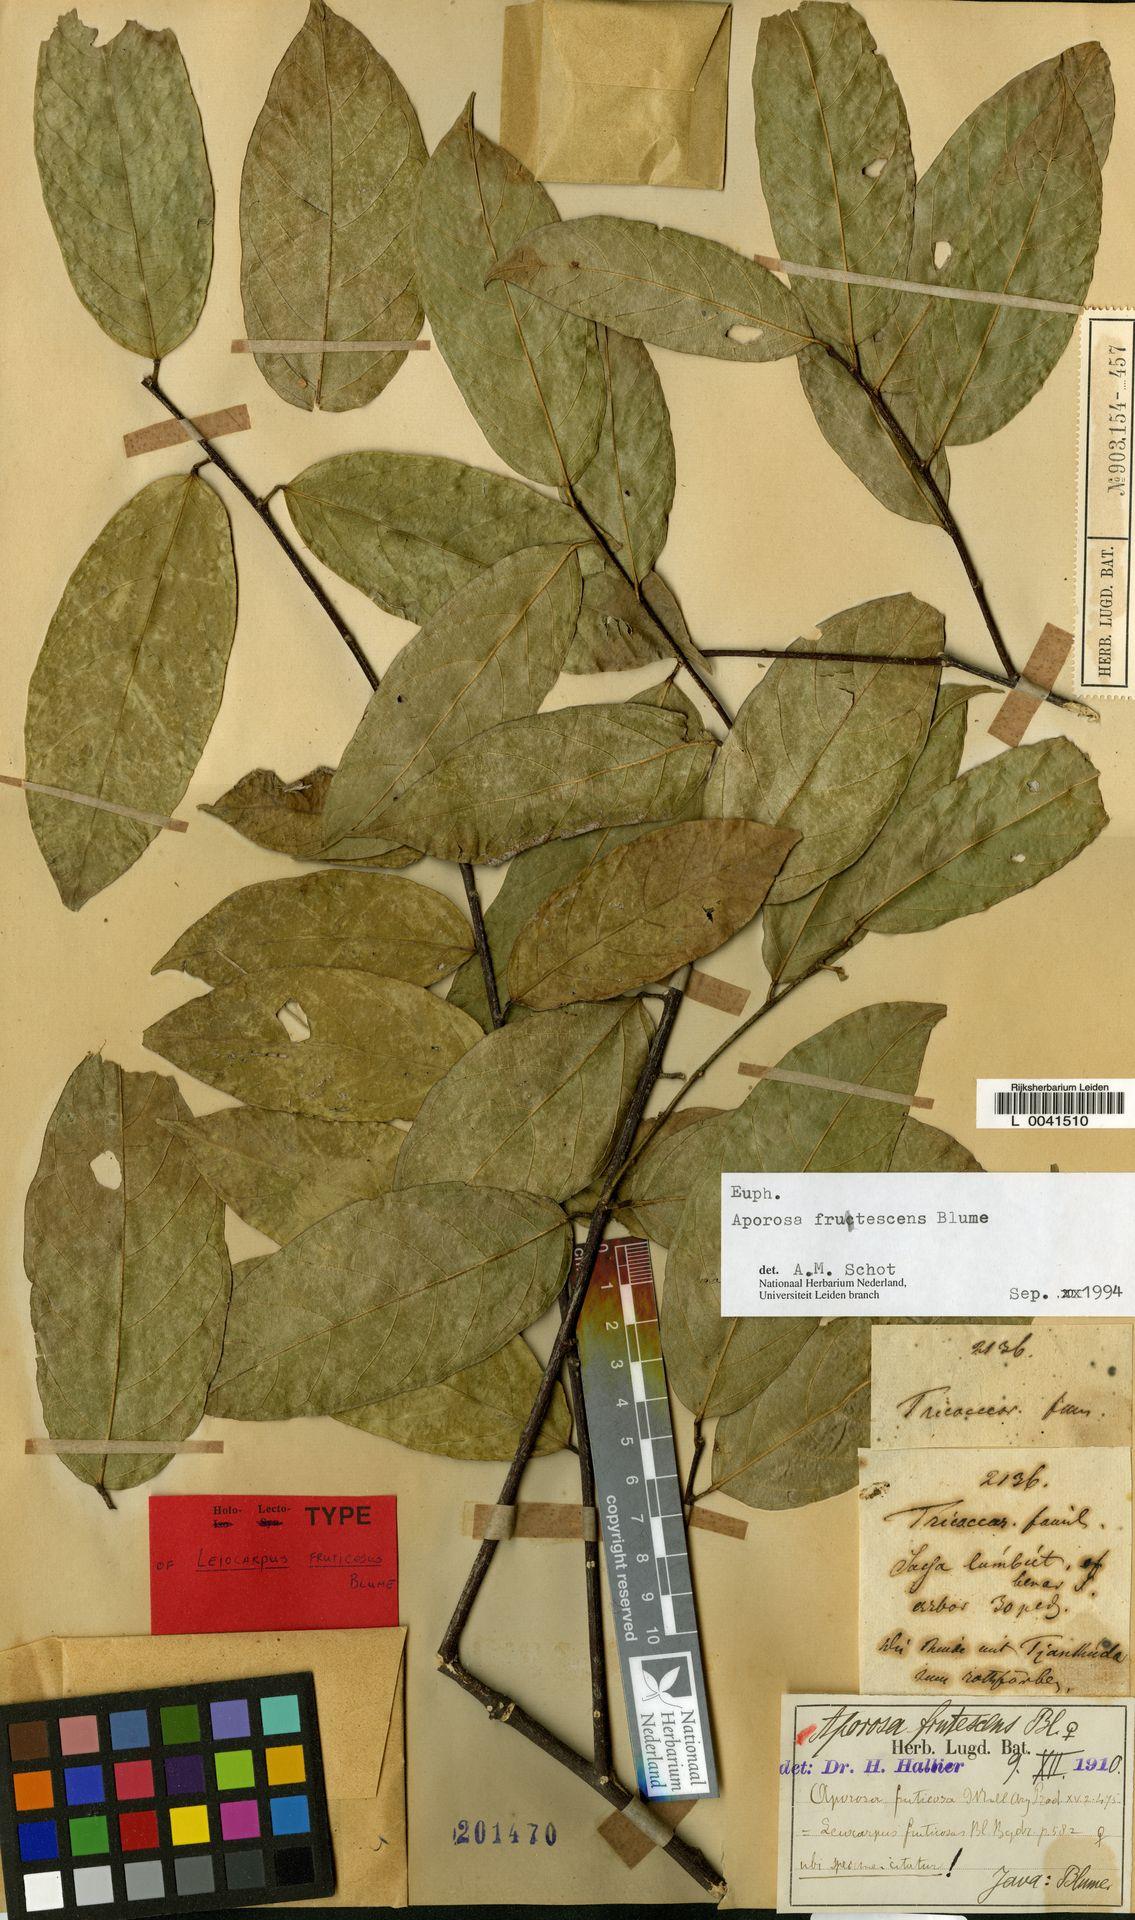 L  0041510 | Aporosa frutescens Blume